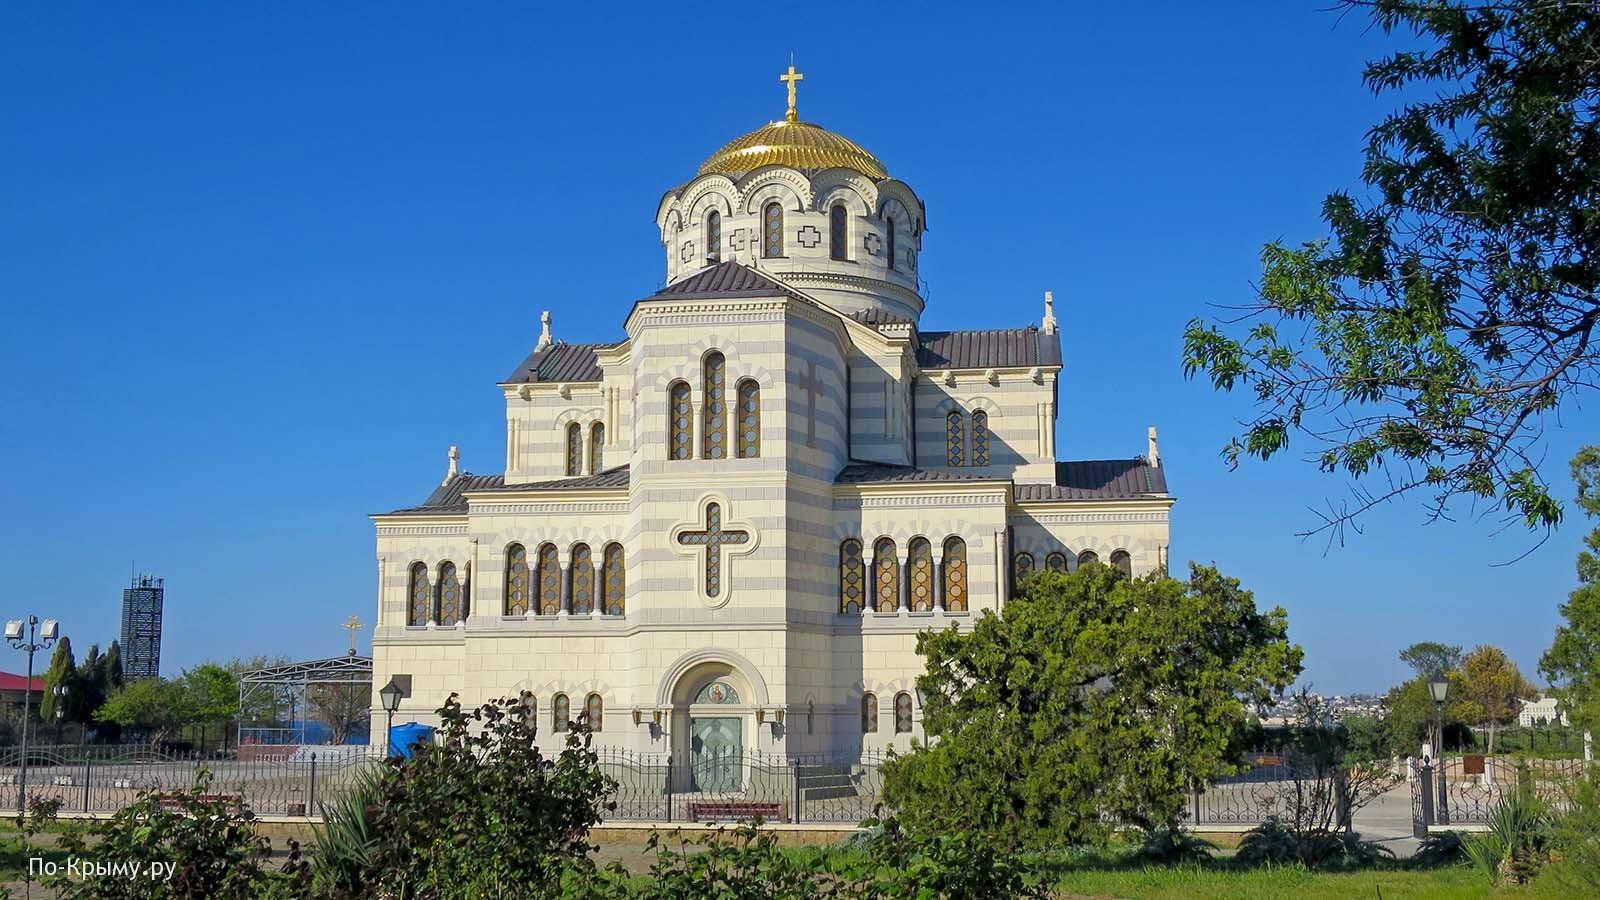 Свято-владимирский кафедральный собор в Херсонесе